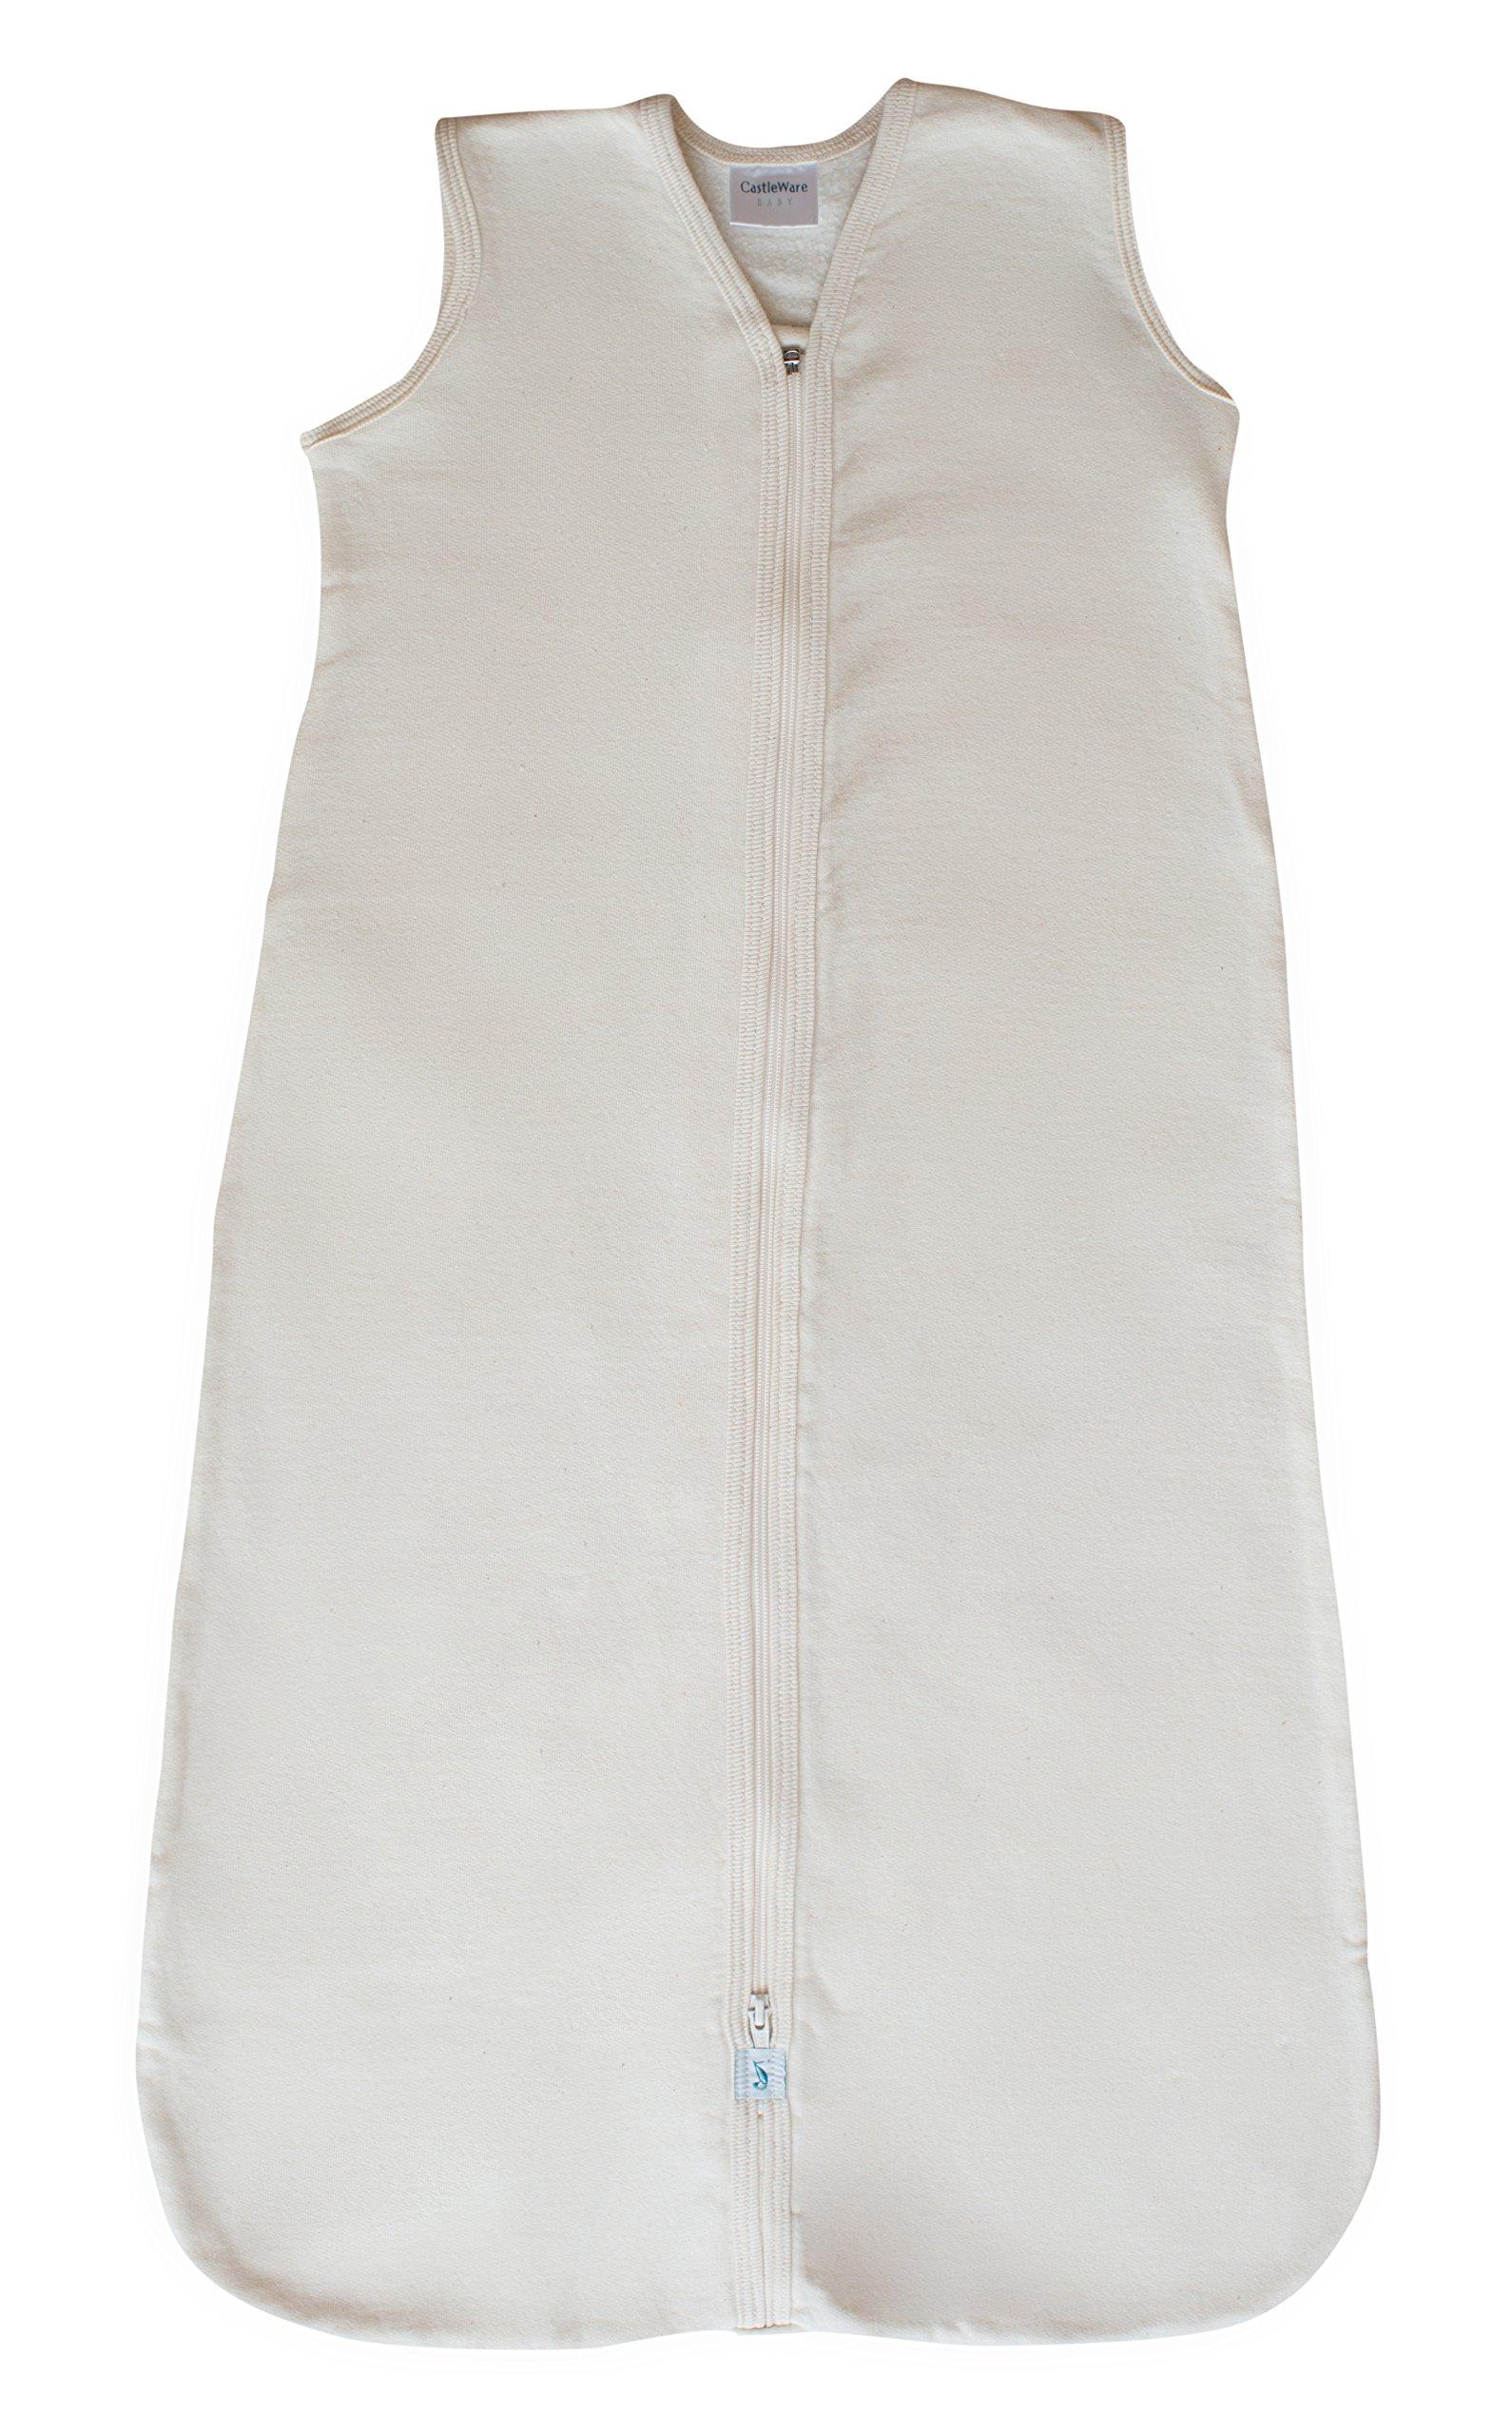 CastleWare Baby Sleeveless Fleece Sleeper Bag (XL 18-24 Months, Natural)